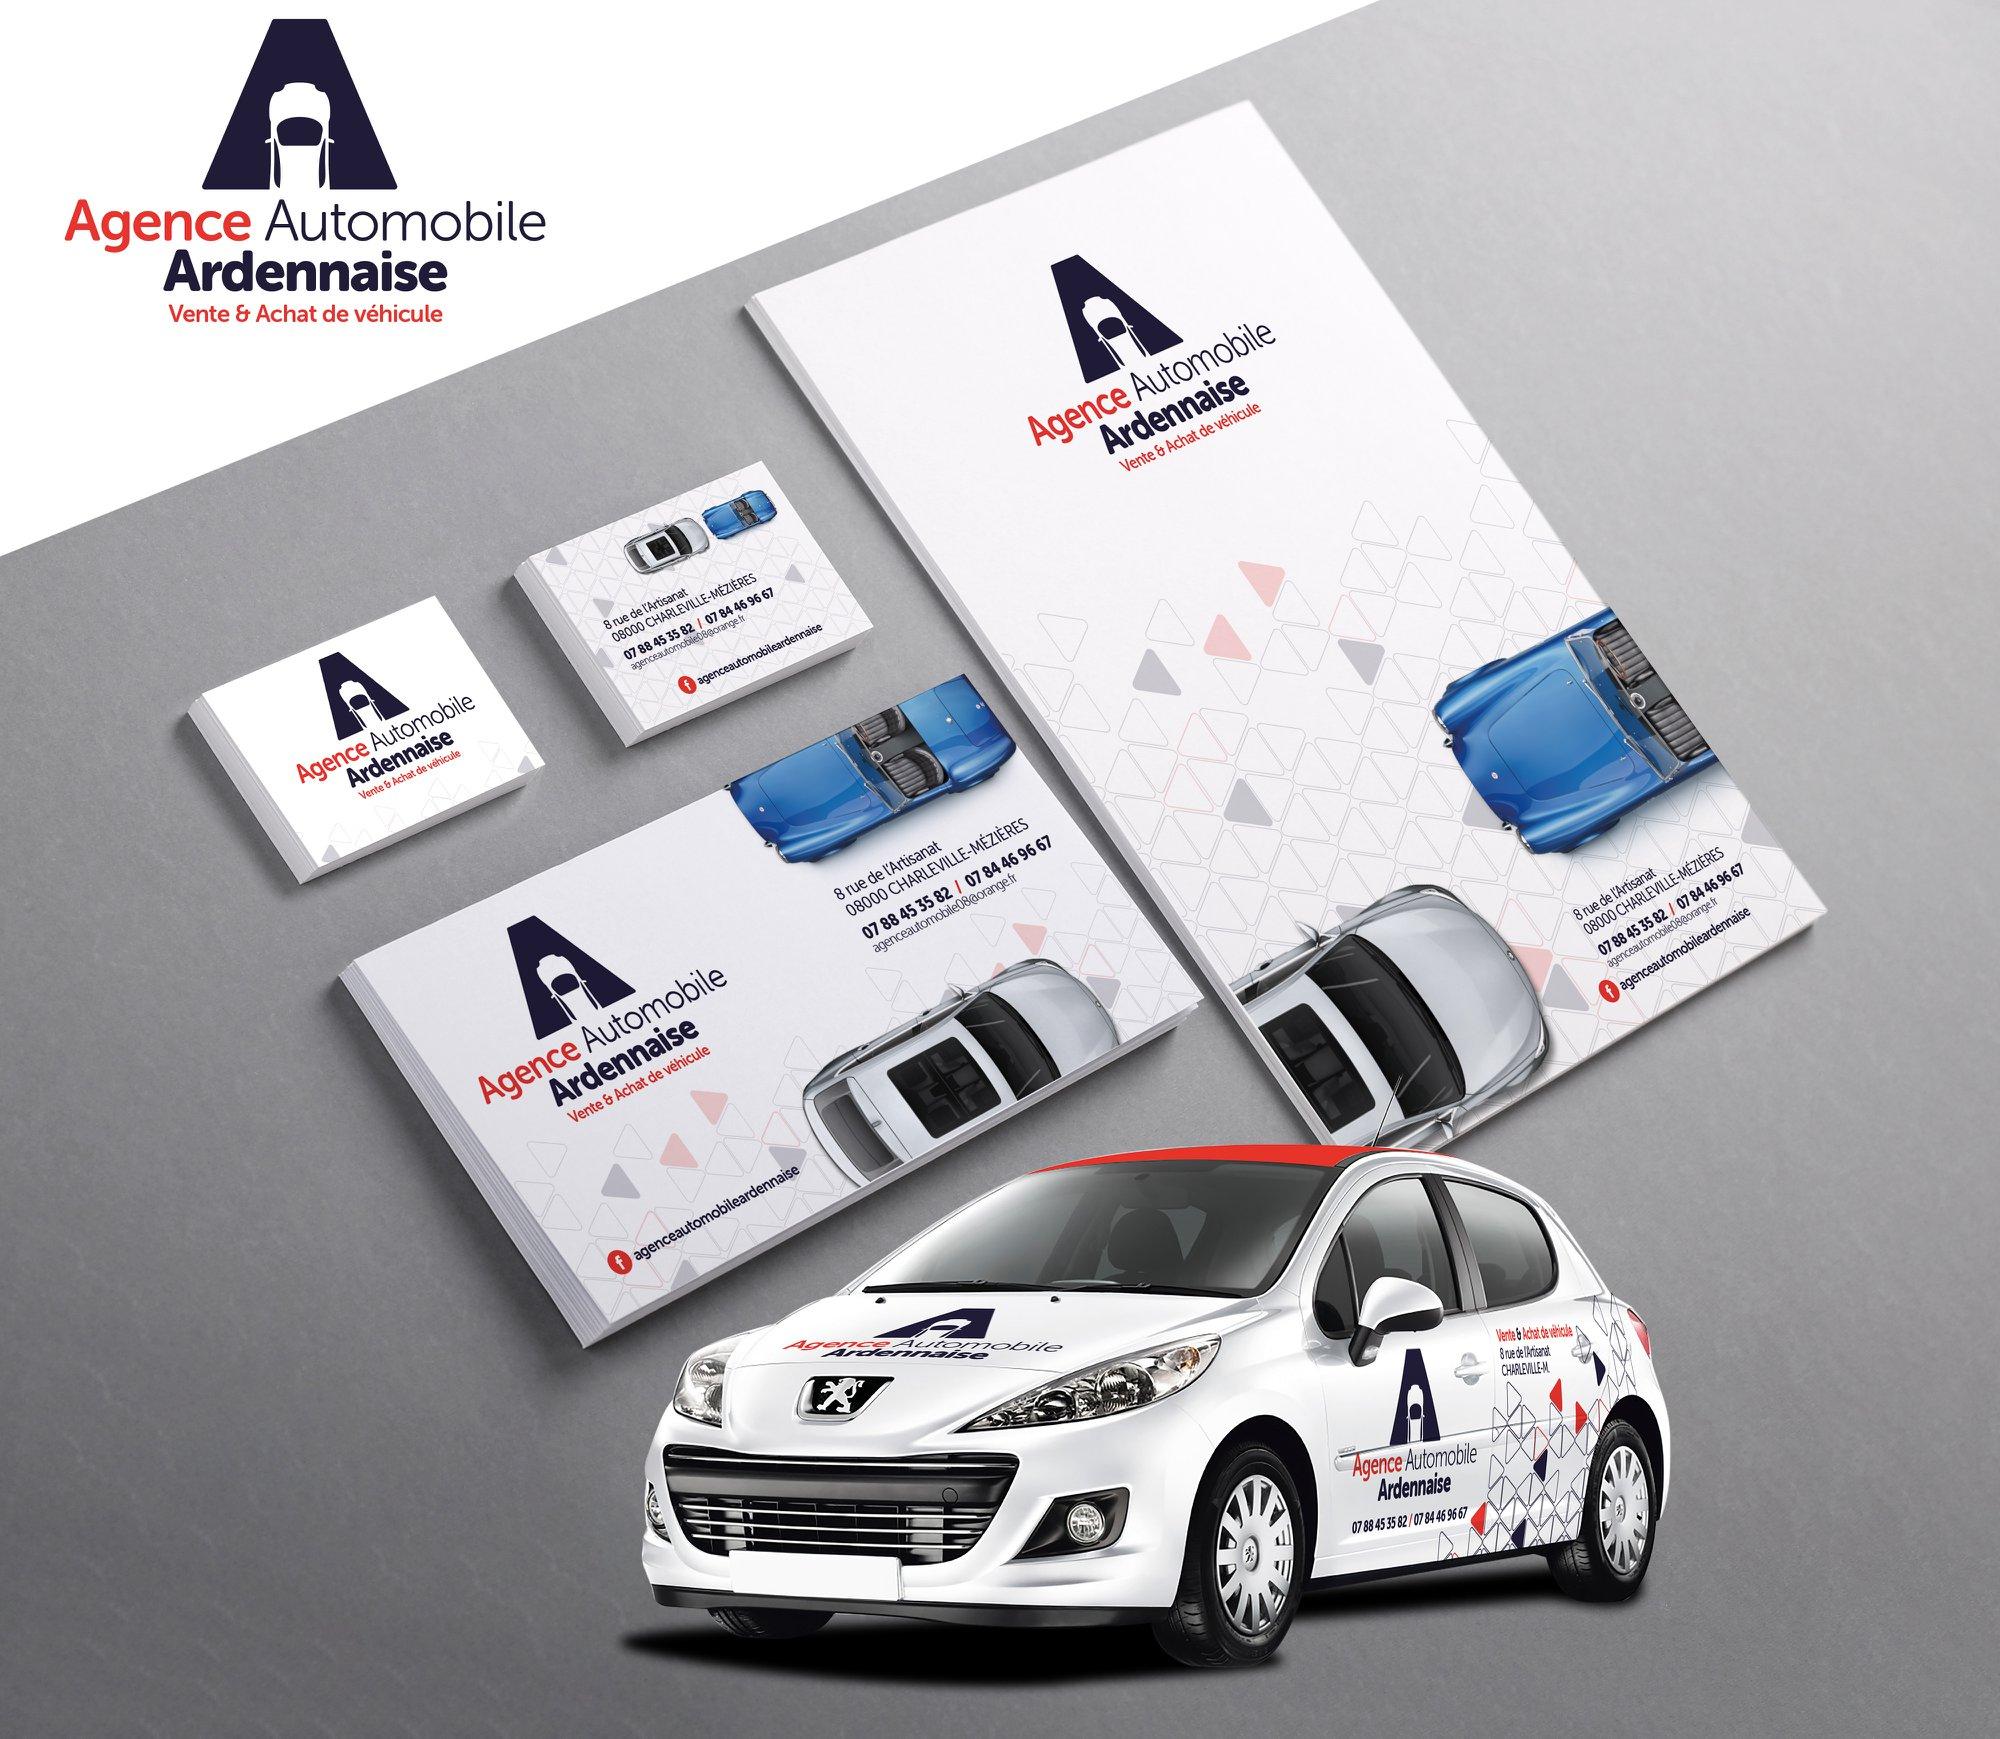 Agence Automobile Ardennaise